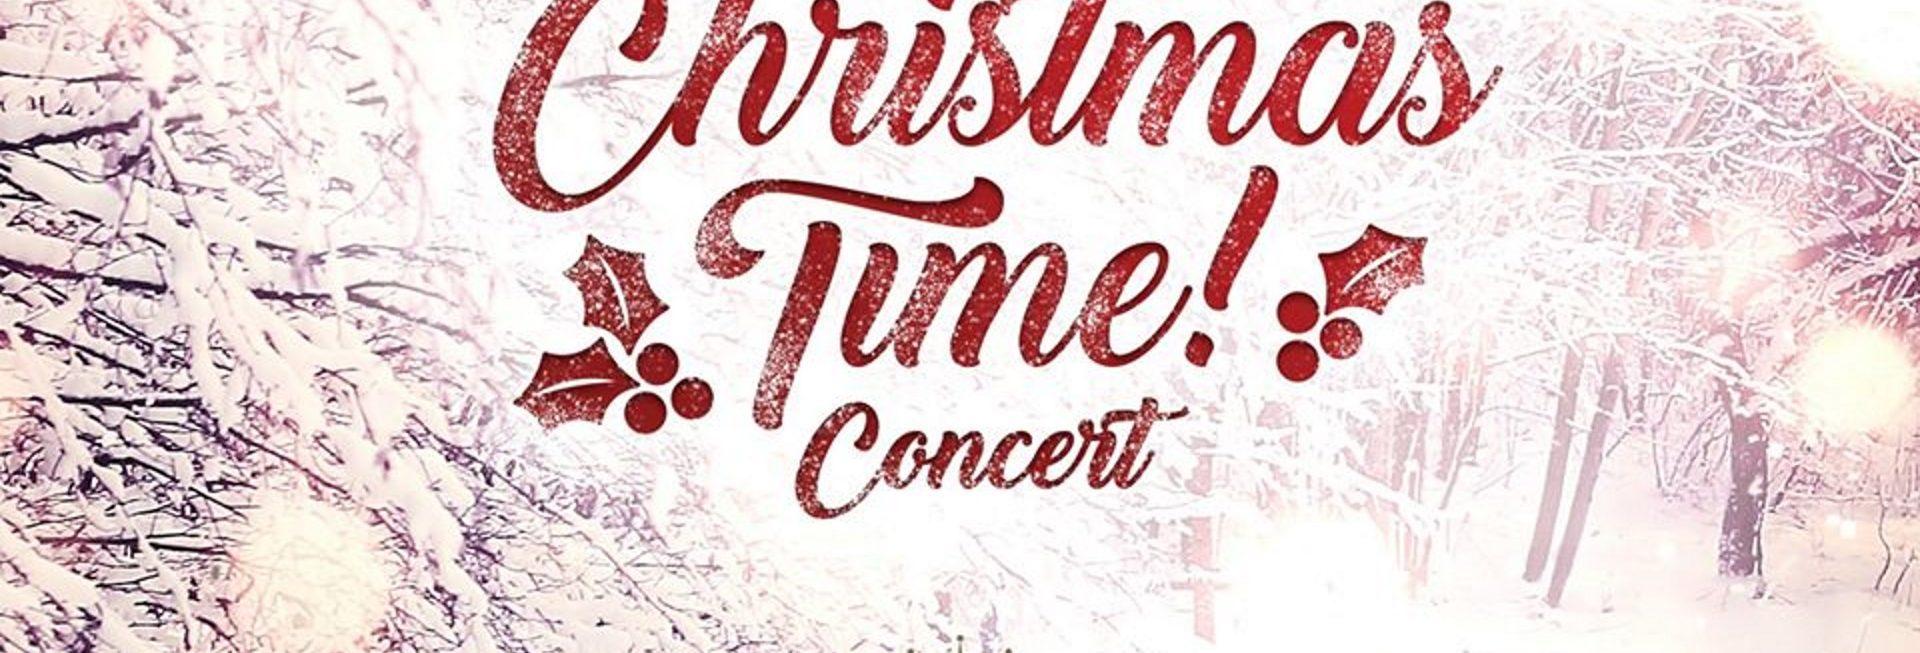 Plakat graficzny zapraszający na Koncert Christmas Time! - Concert Elbląg 2020. Plakat posiada tło oszronionego i zaśnieżonego lasu z napisem koloru czerwonego Christmas Time! - Concert.